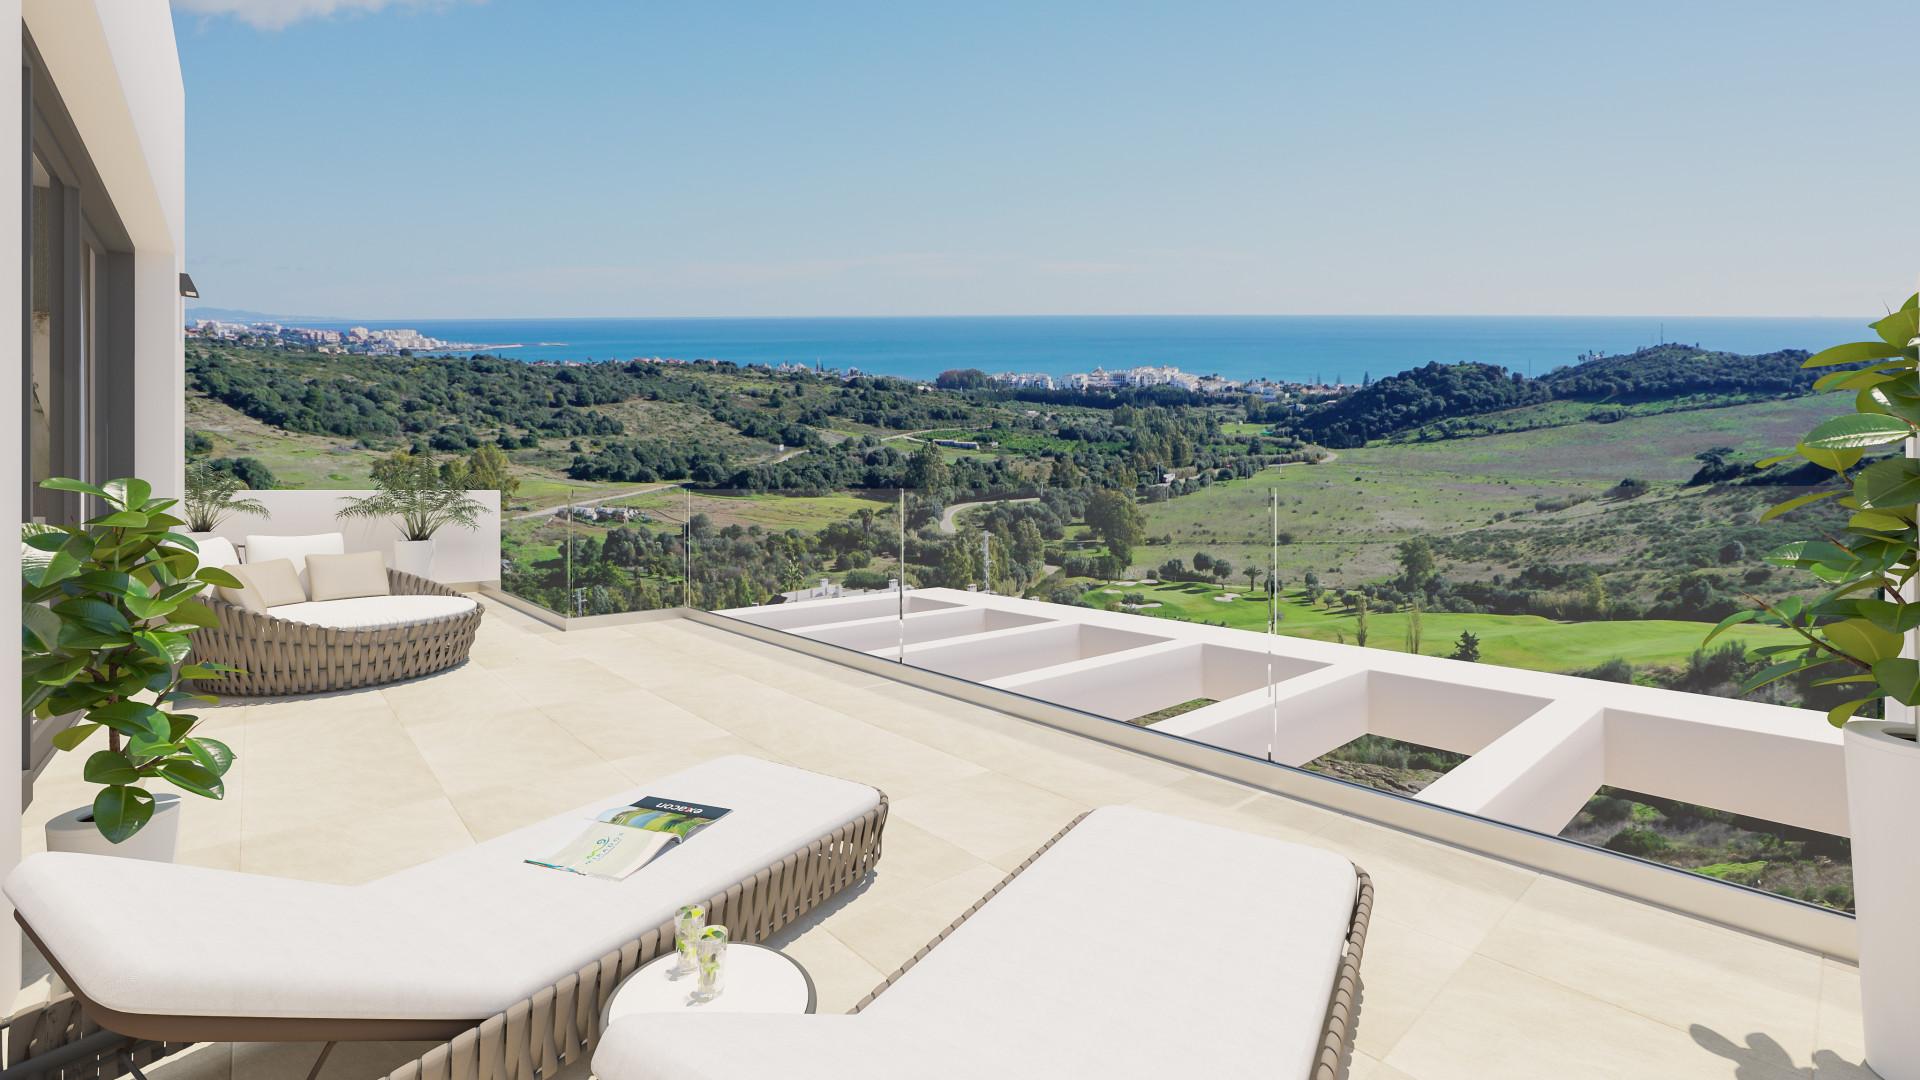 ARFA1240 - 54 moderne Wohnungen zu verkaufen in Estepona Golflage